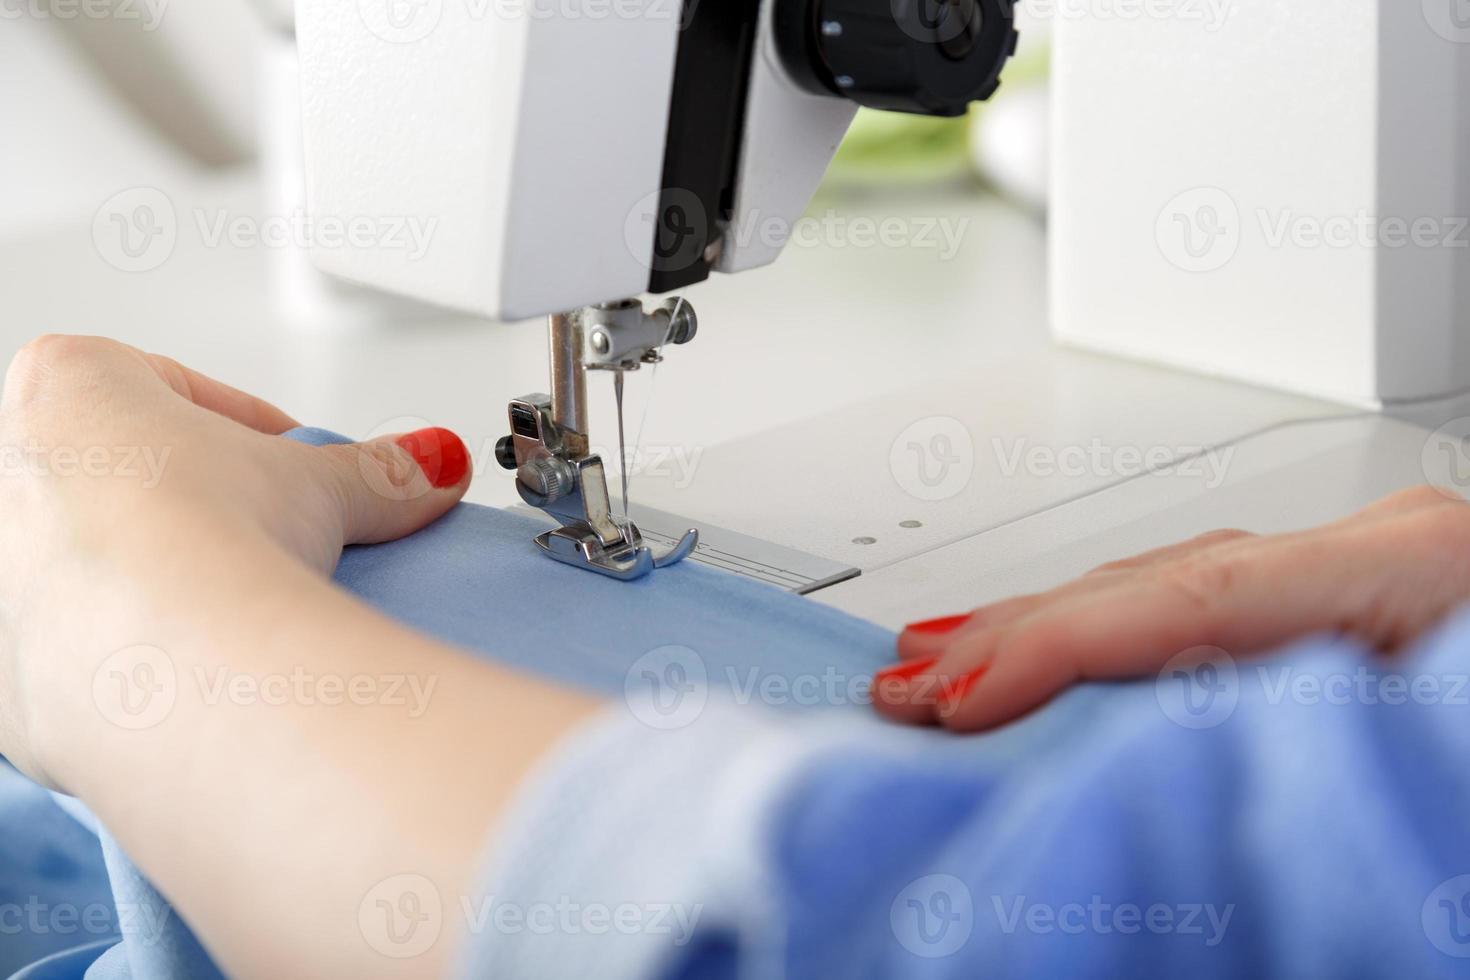 trabalhando na máquina de costura. foto